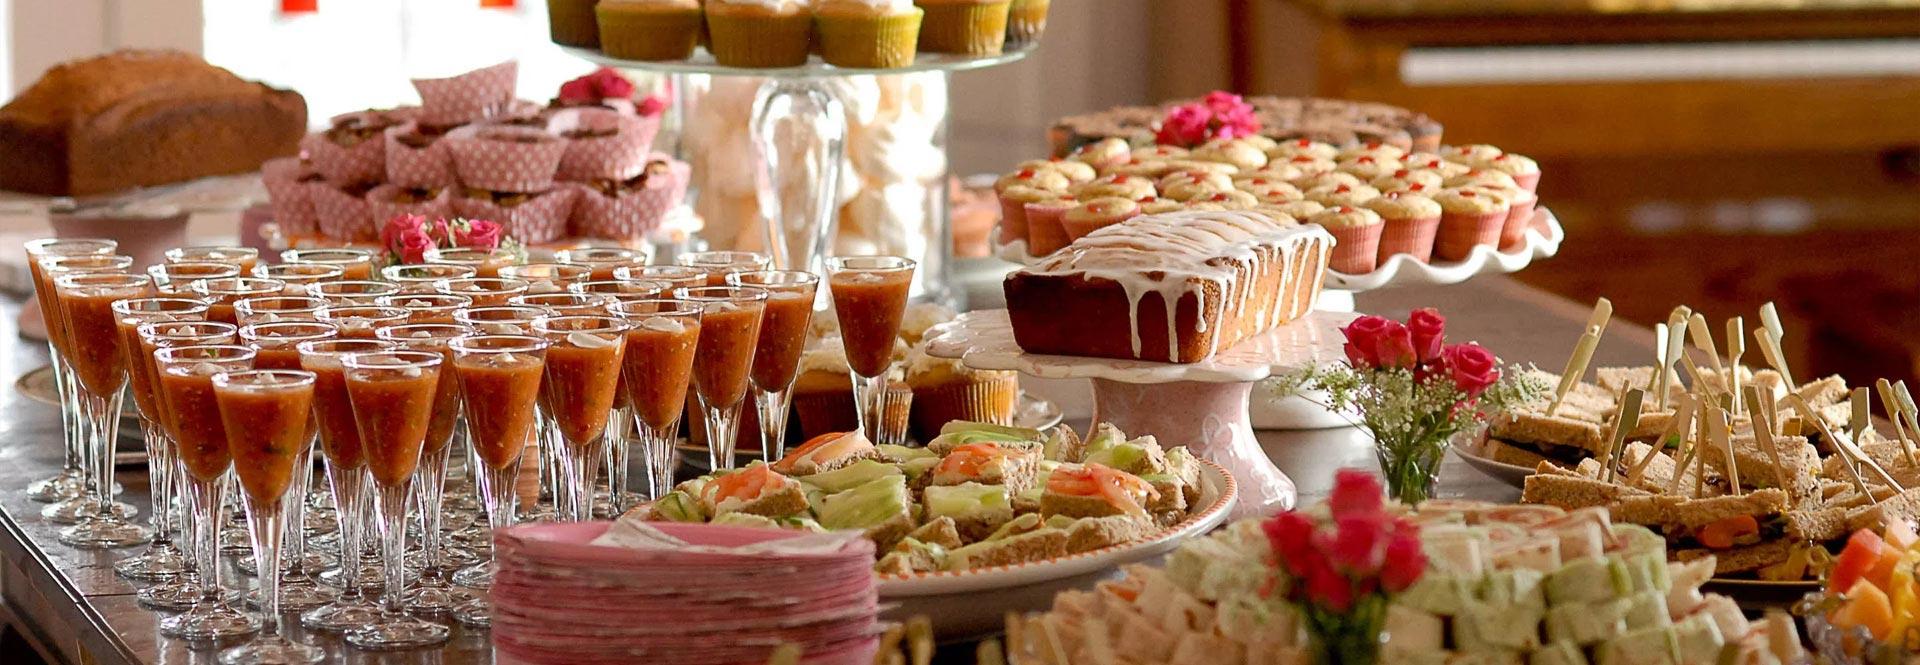 eten in luxe vakantiehuis, Eifel, Nederland